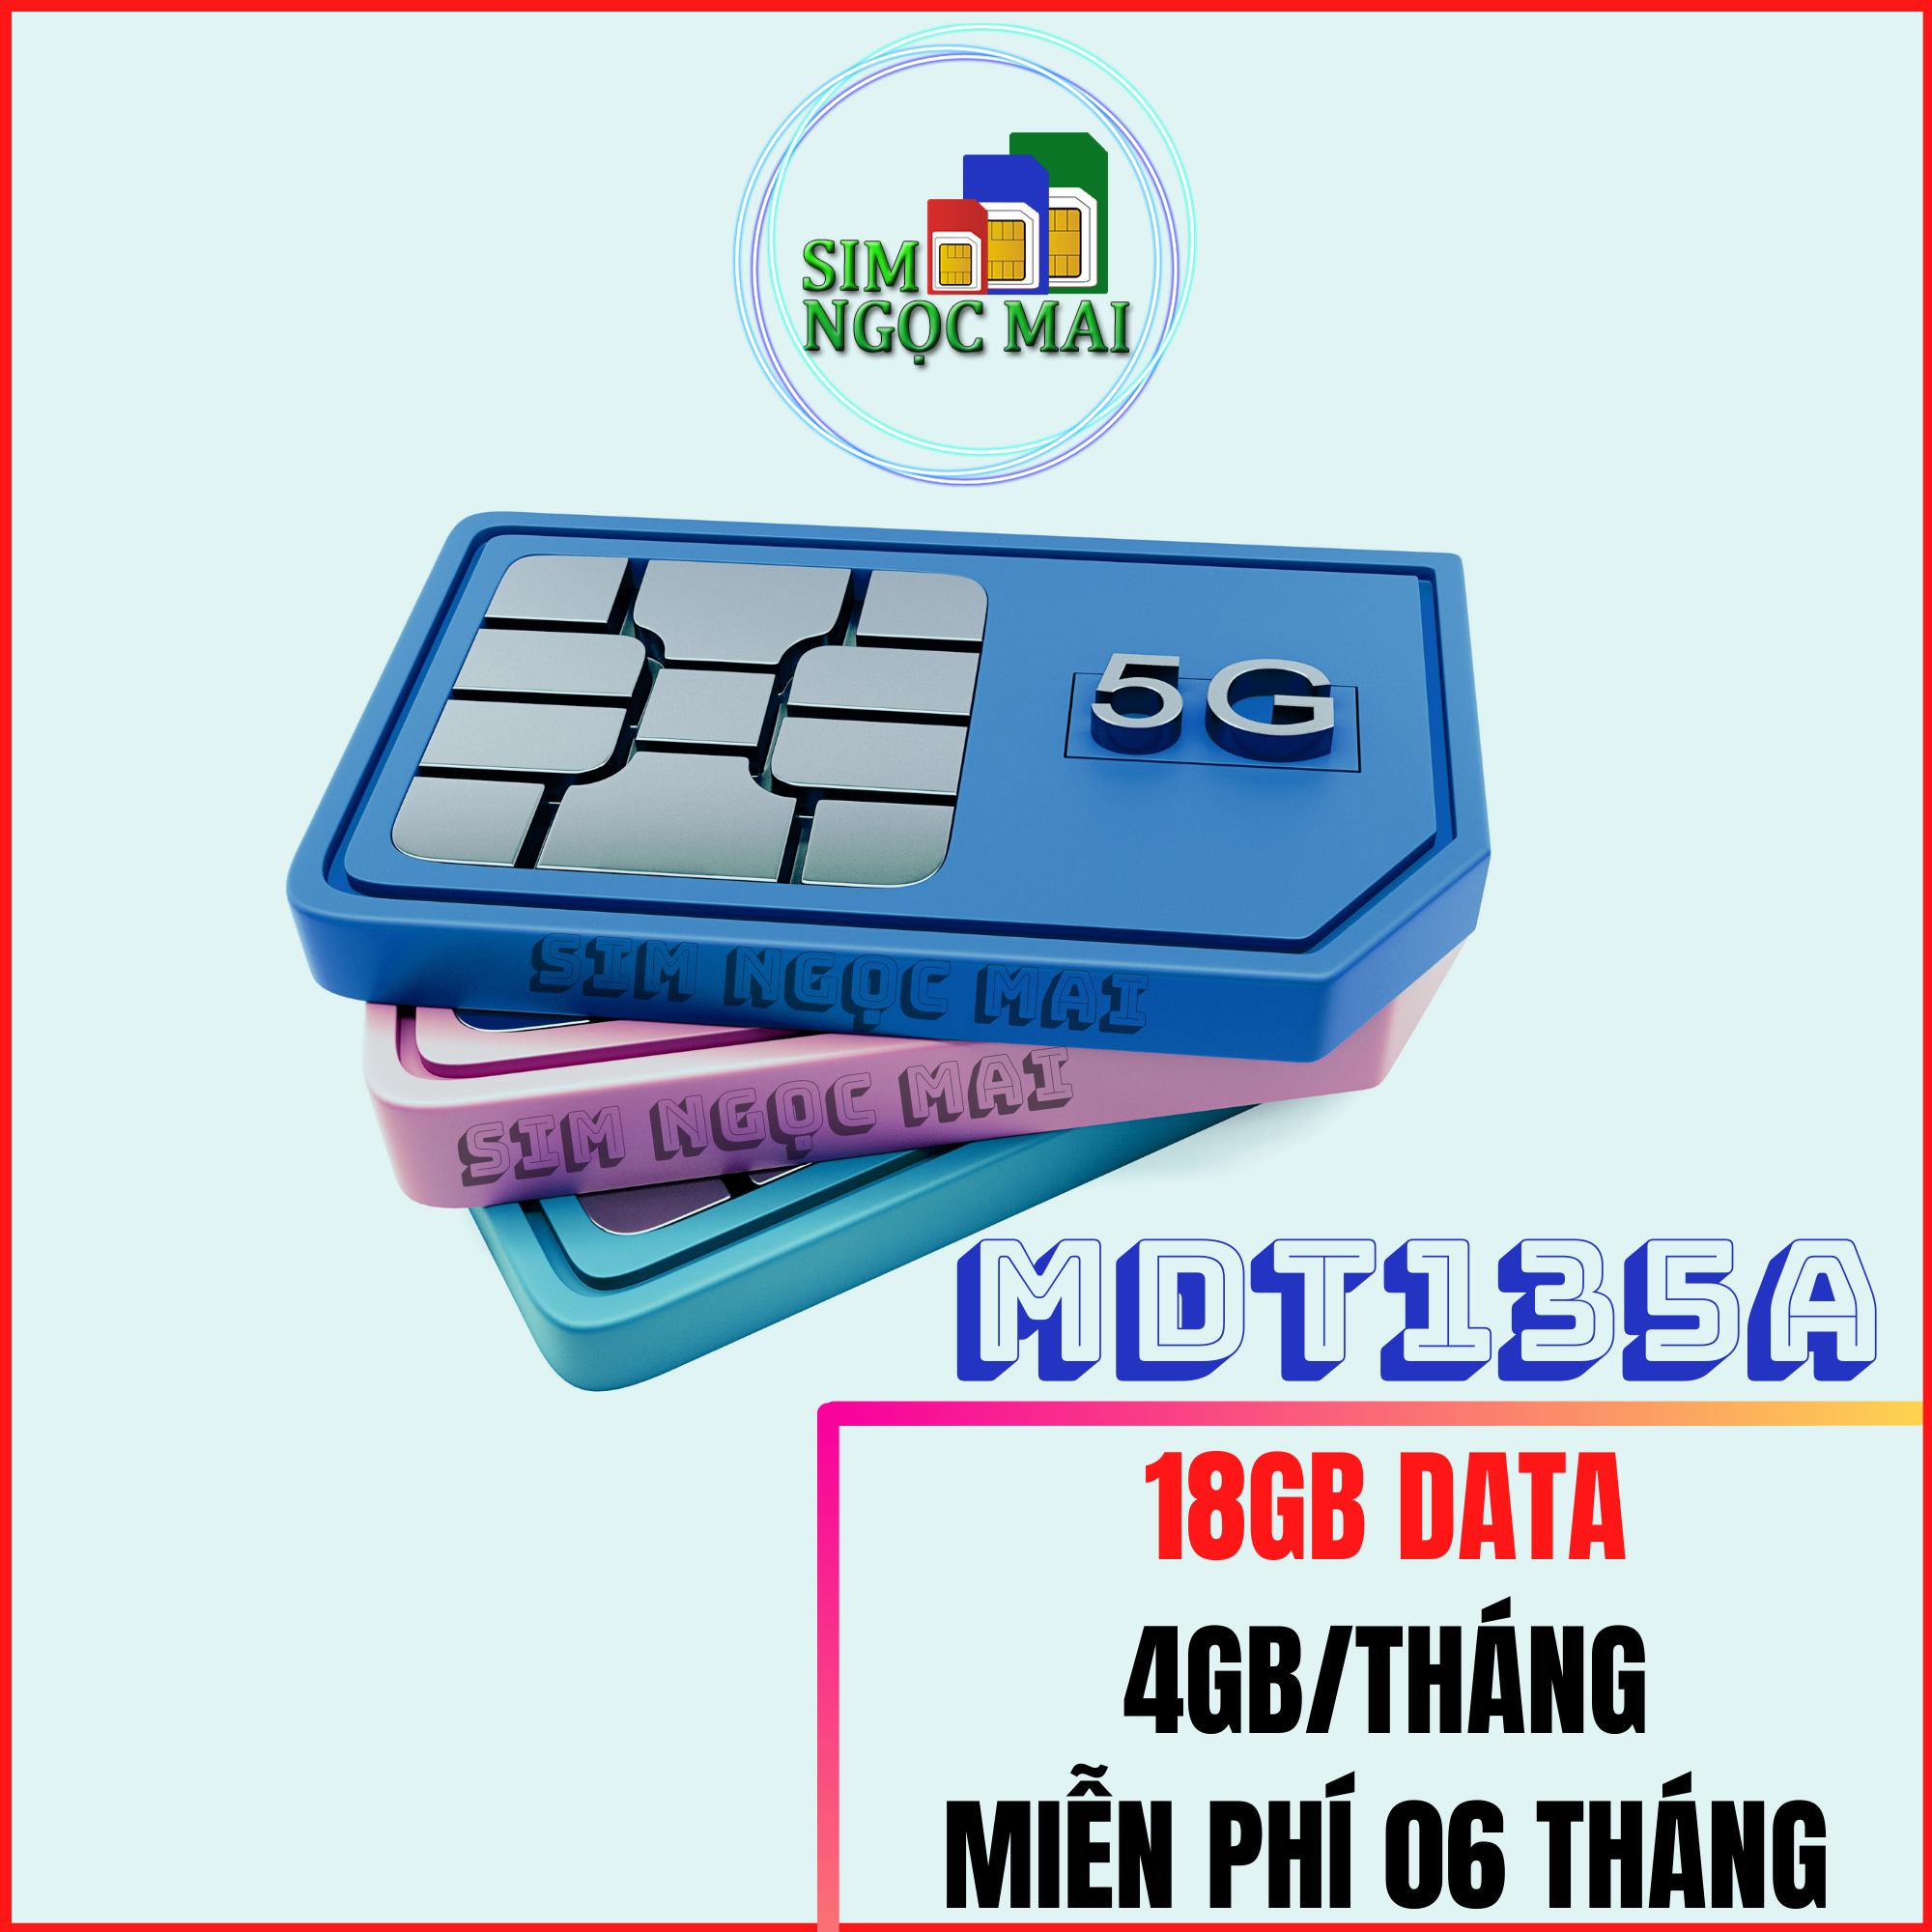 Sim 4G Mobifone Trọn gói 6 tháng MDT135A ( 3gb/Tháng) – MOBI MDT135A – SIM NGỌC MAI